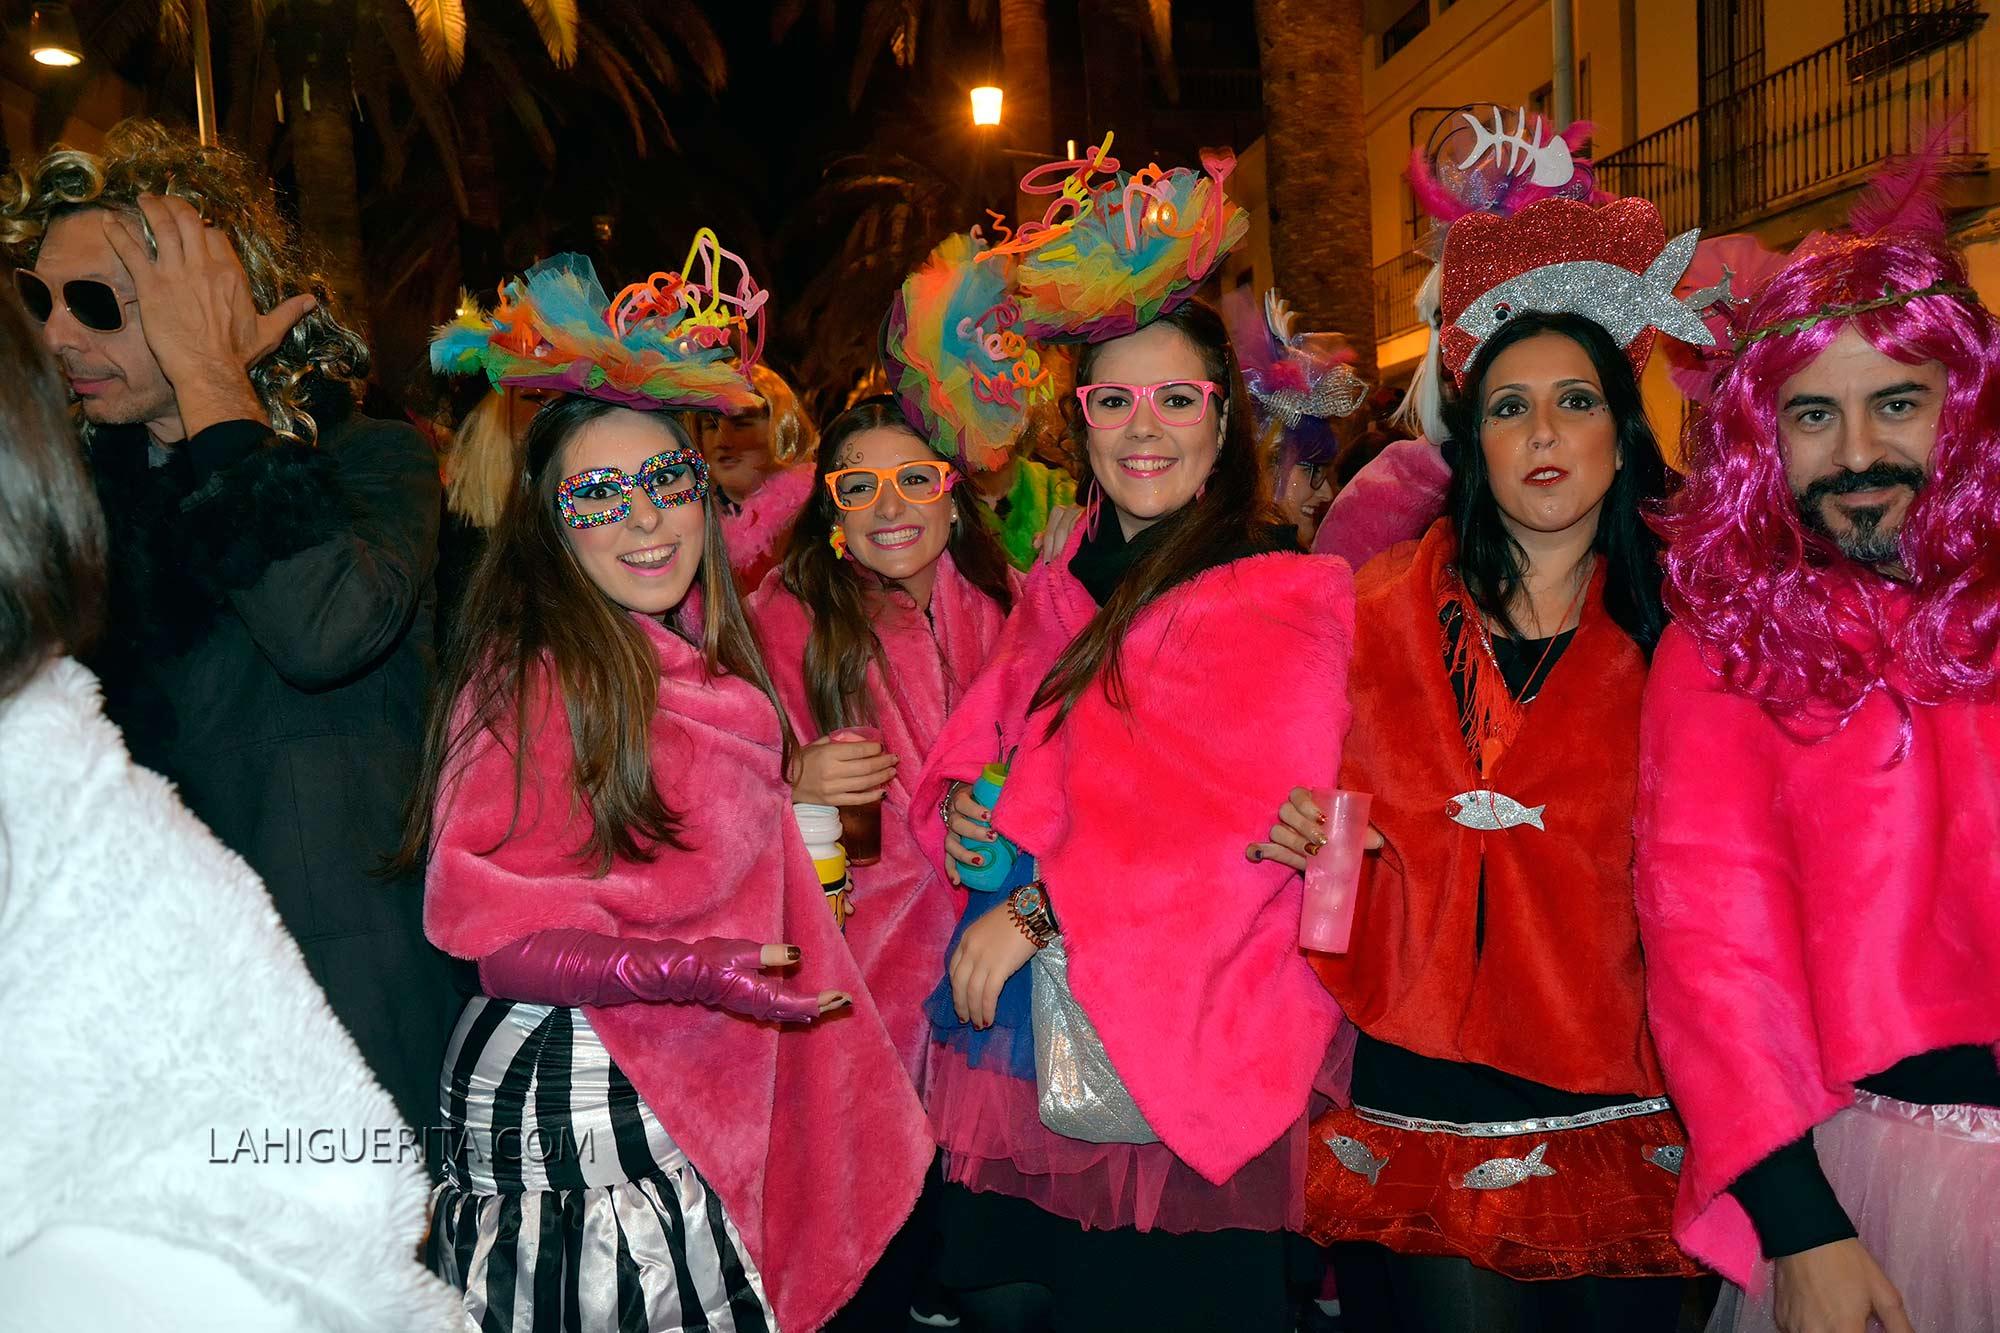 Entierro de la sardina carnaval isla cristina _DSC2148